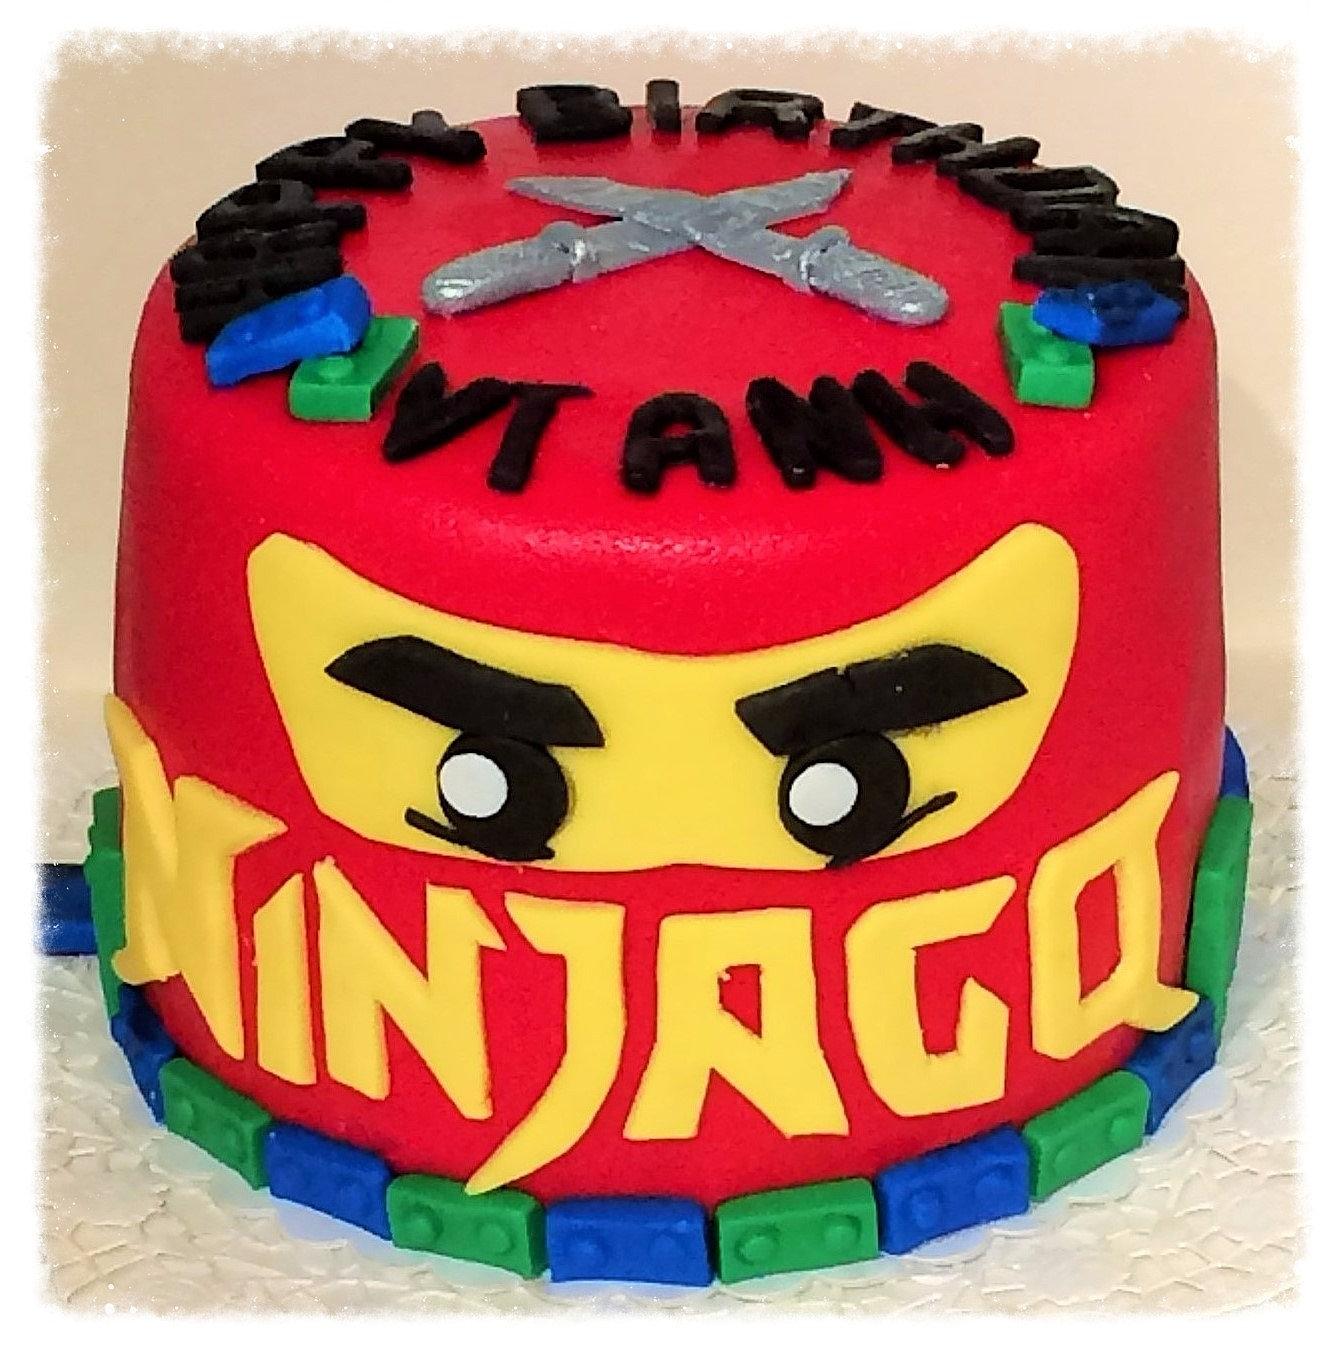 Papaviolas ninjago torte for Decorazioni torte ninjago